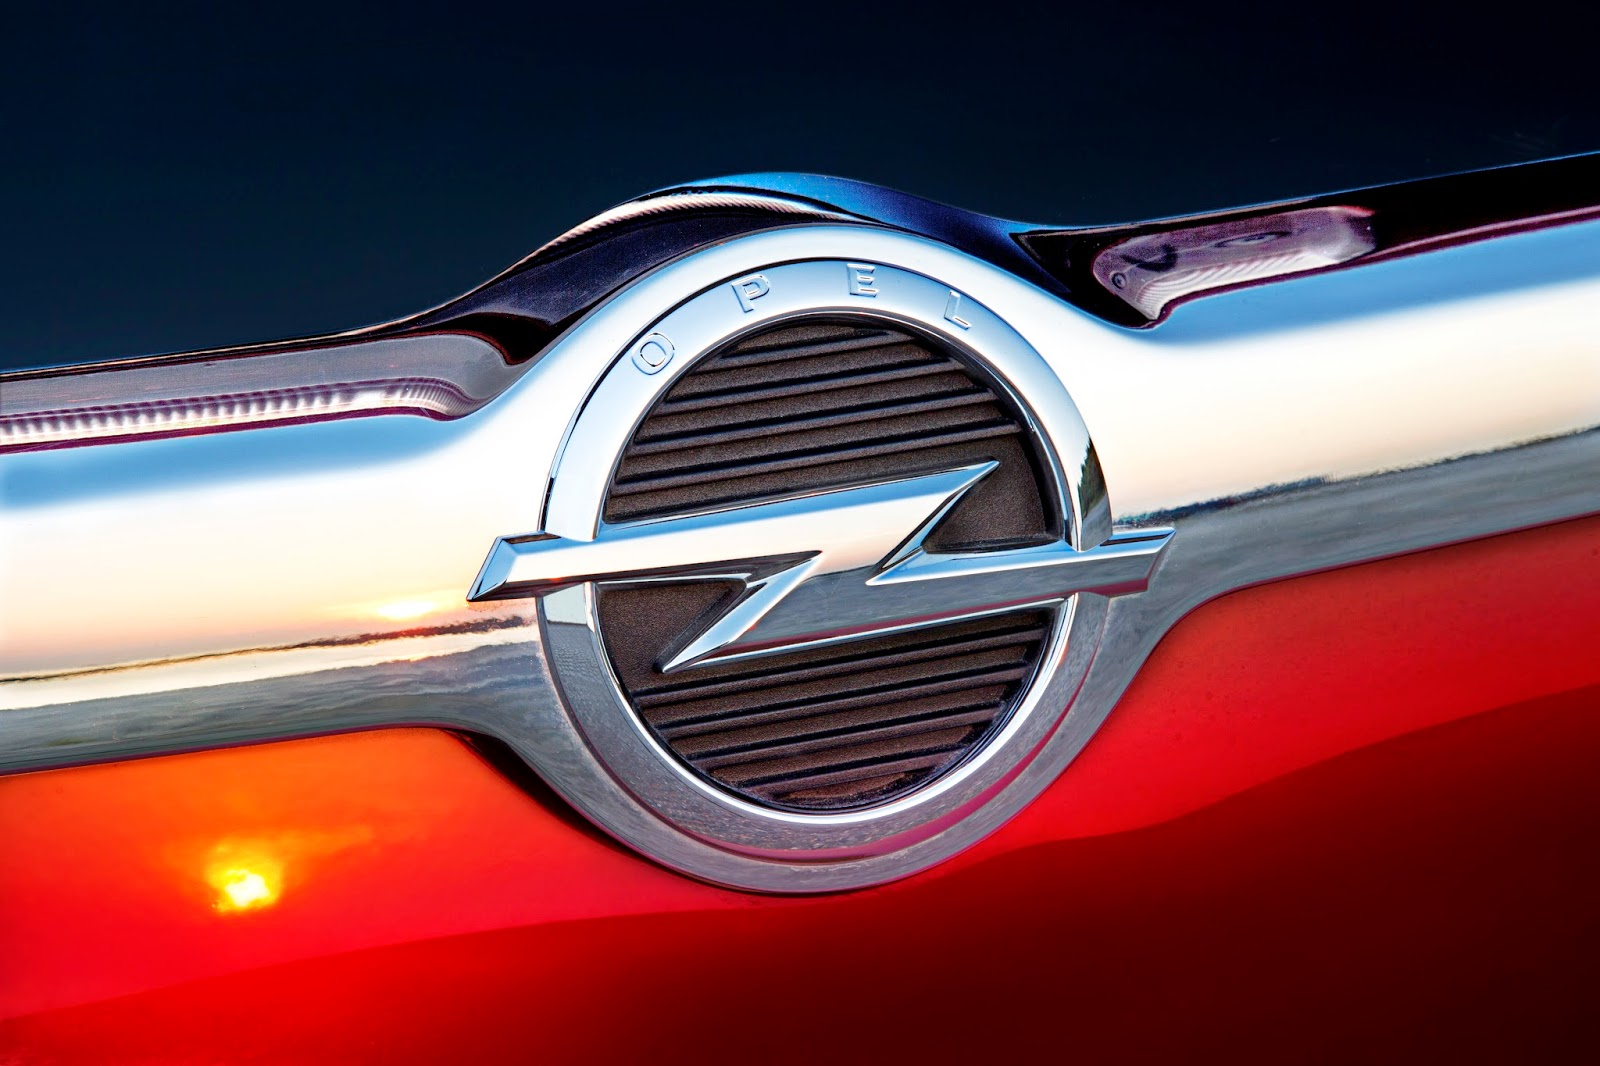 liste des marques de voitures marque de voiture actualit s essais blog auto carid al marques. Black Bedroom Furniture Sets. Home Design Ideas